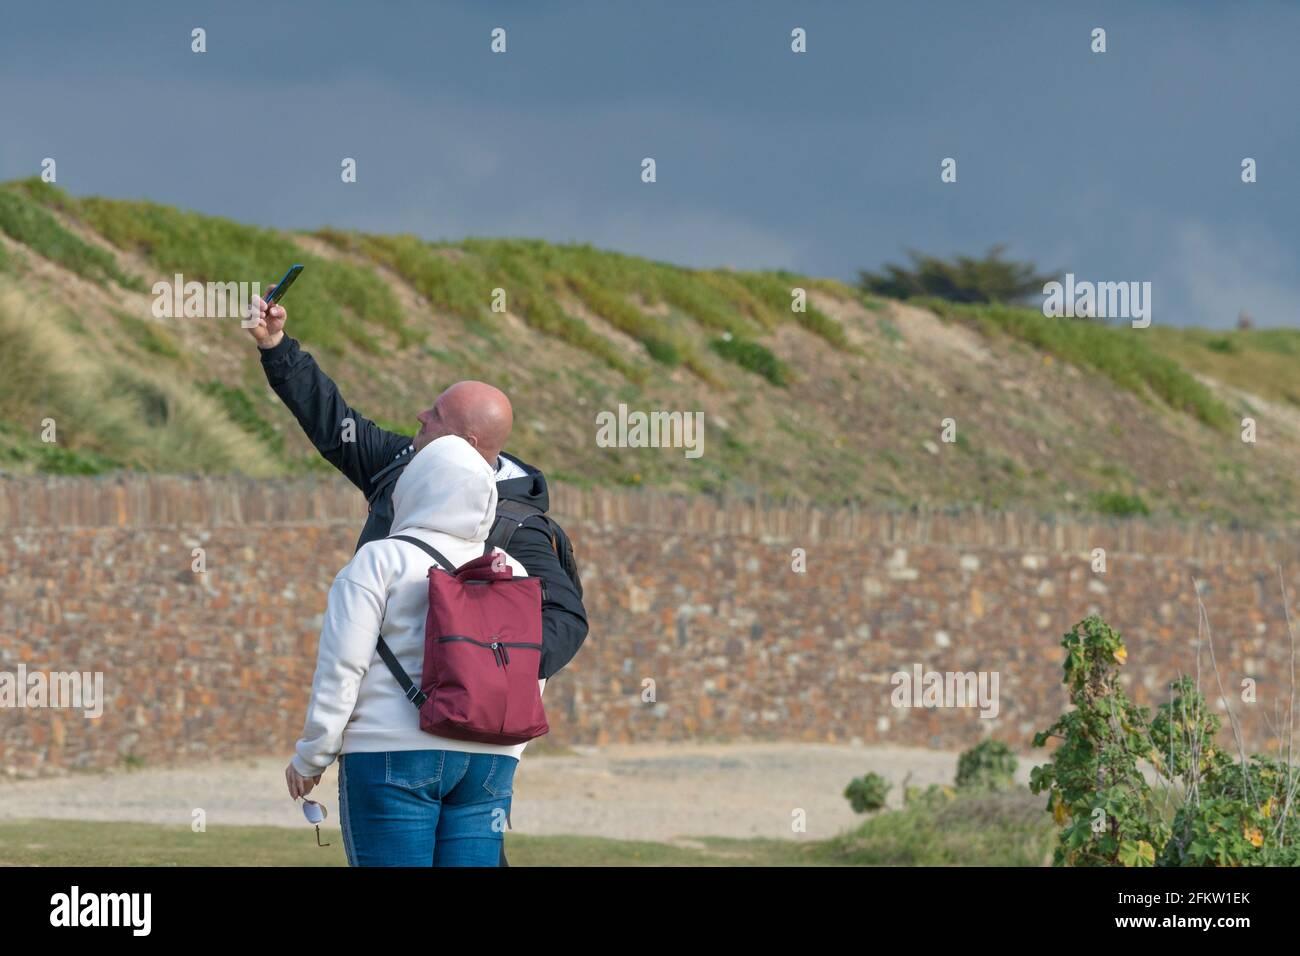 Ein paar Urlauber, die ein Smartphone benutzen, um ein Selfie-Foto im Urlaub in Newquay in Cornwall zu machen. Stockfoto